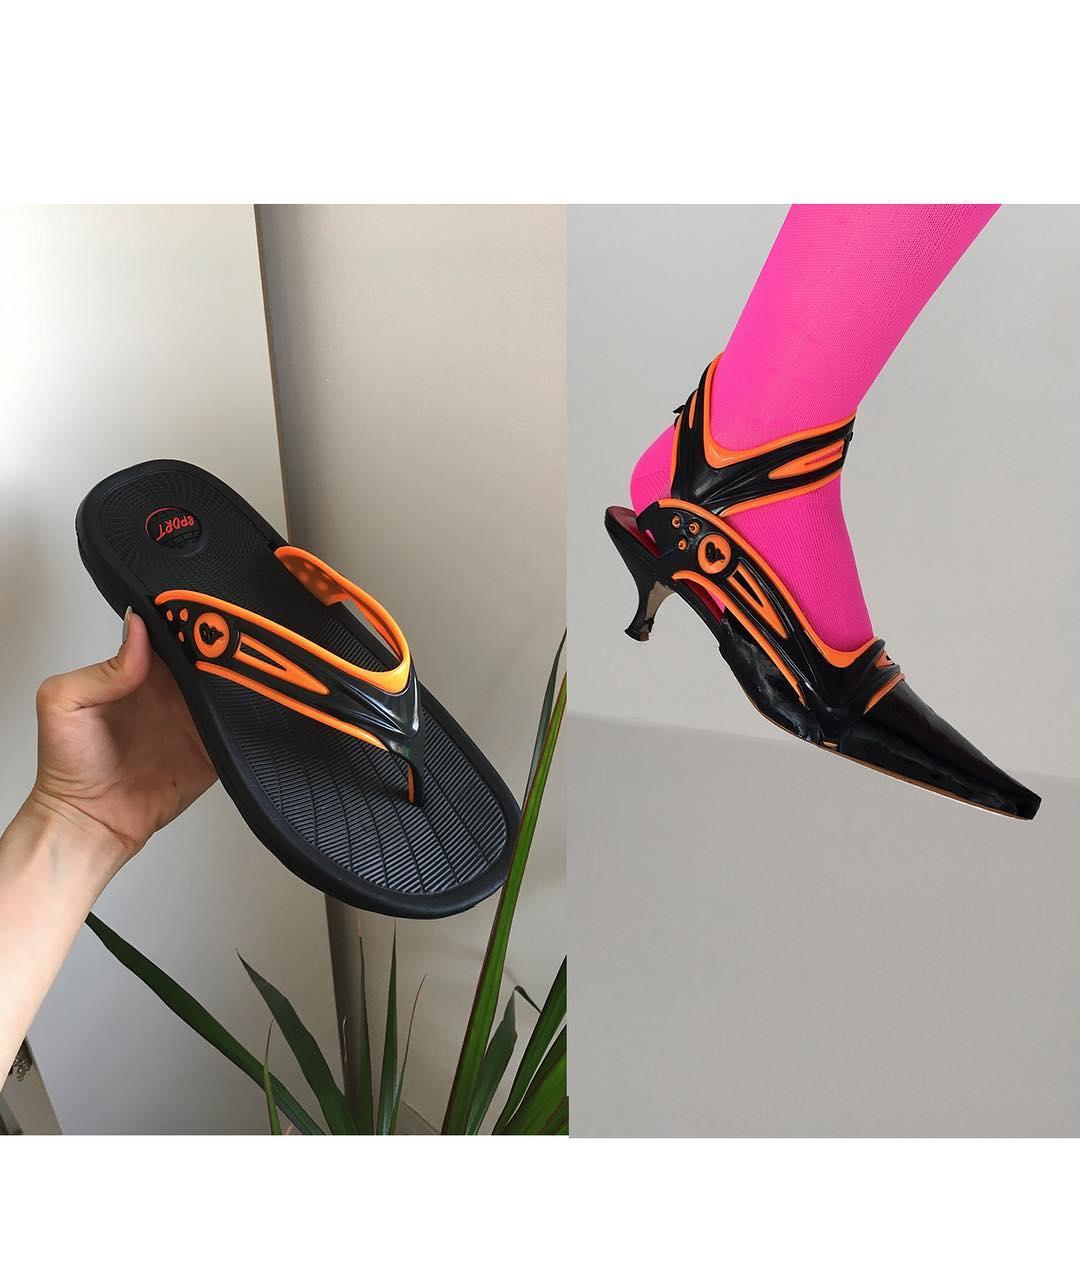 她把二手球鞋改造成「運動風高跟鞋」 連「阿伯拖鞋」都變成超科技時尚感!